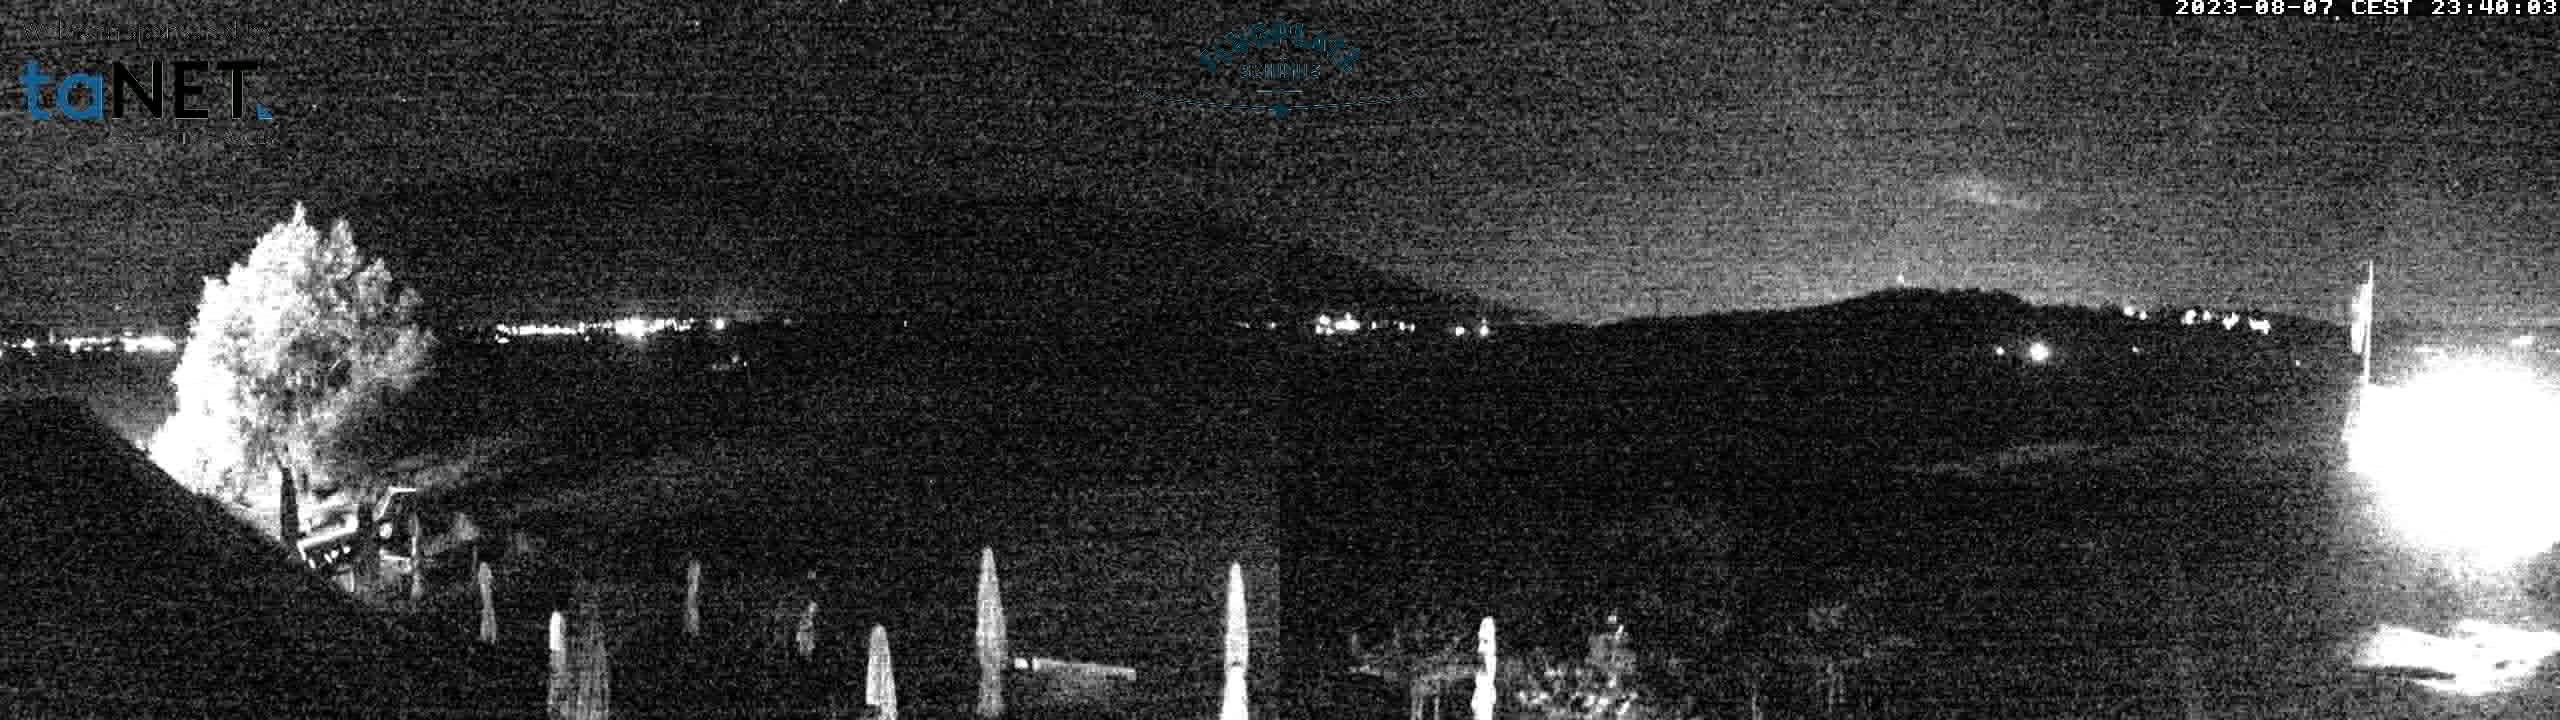 Webcam Flugplatz Schänis